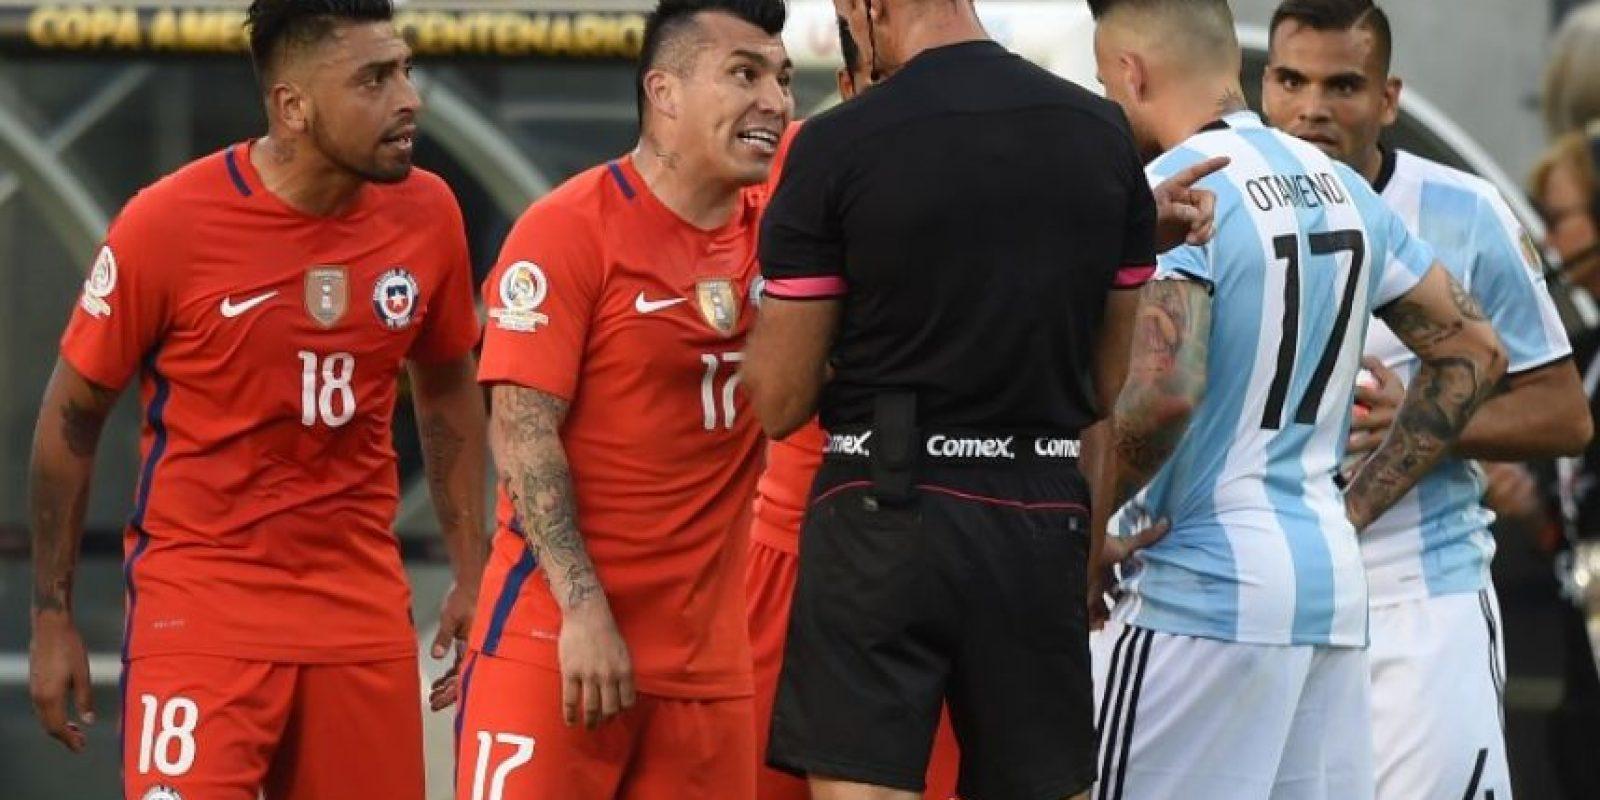 Medel luego tuvo que borrar la imagen y pedir disculpas Foto:AFP